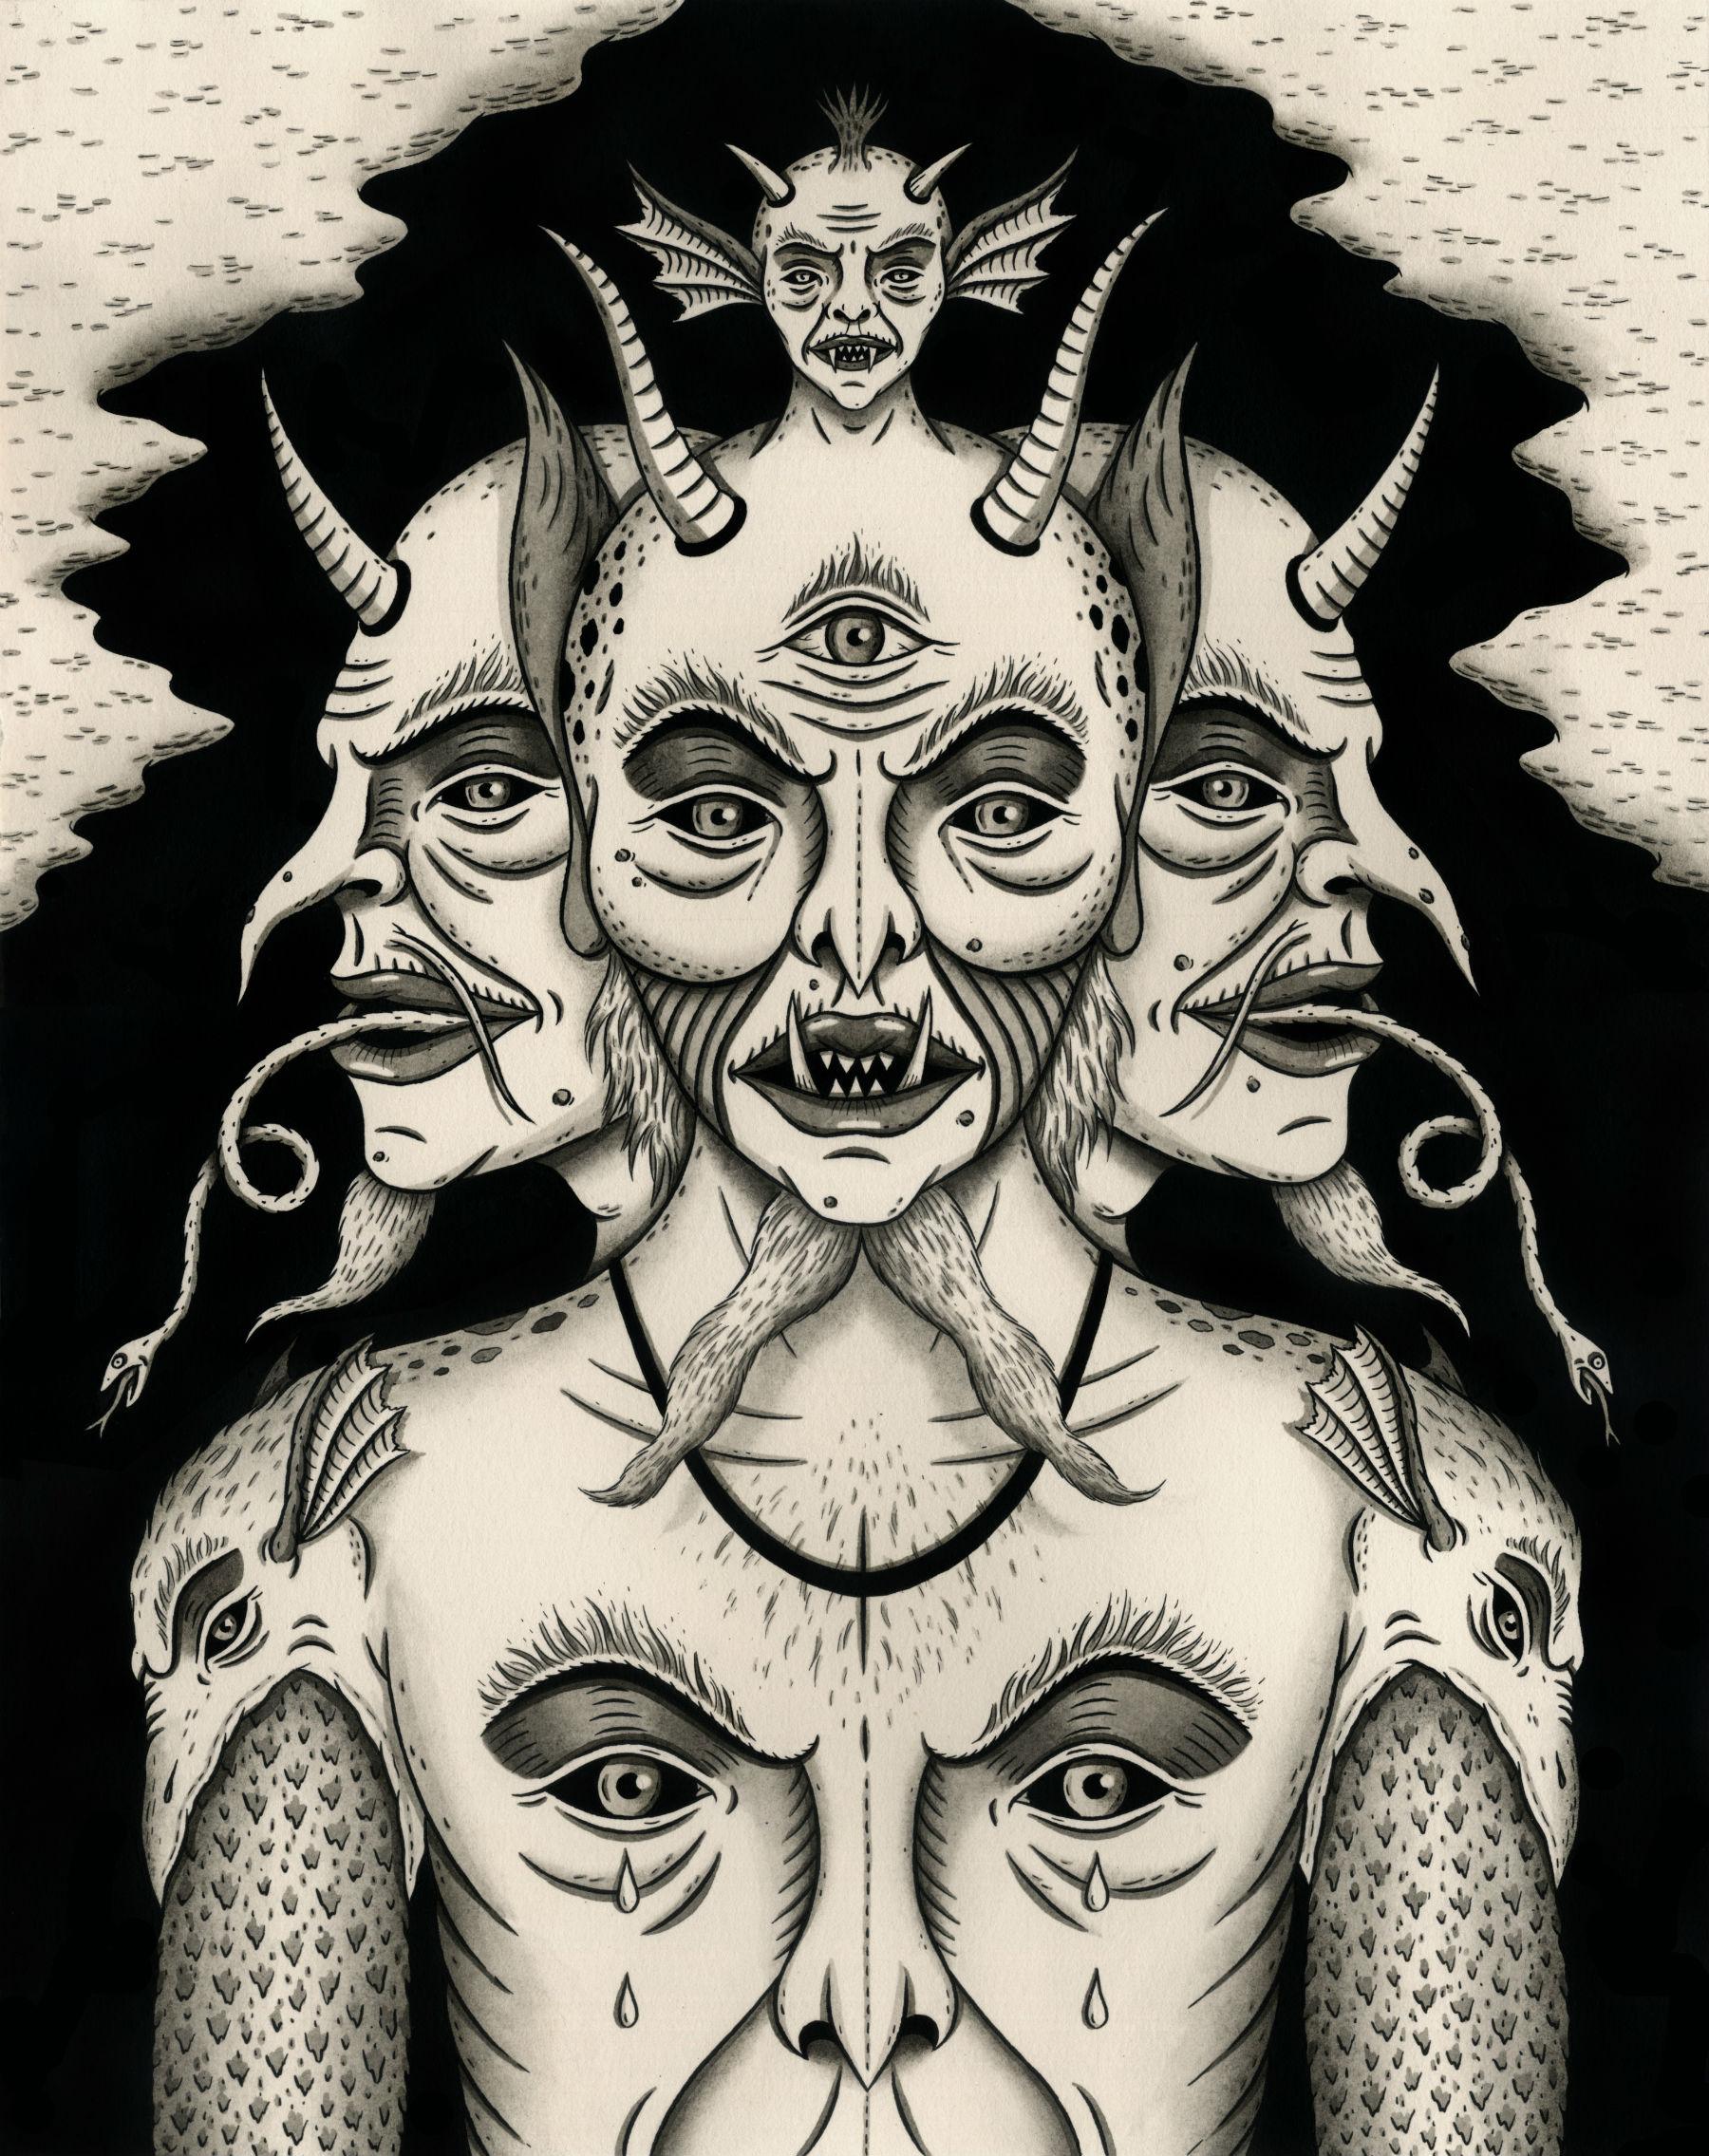 jon mcnair illustration weeping devil